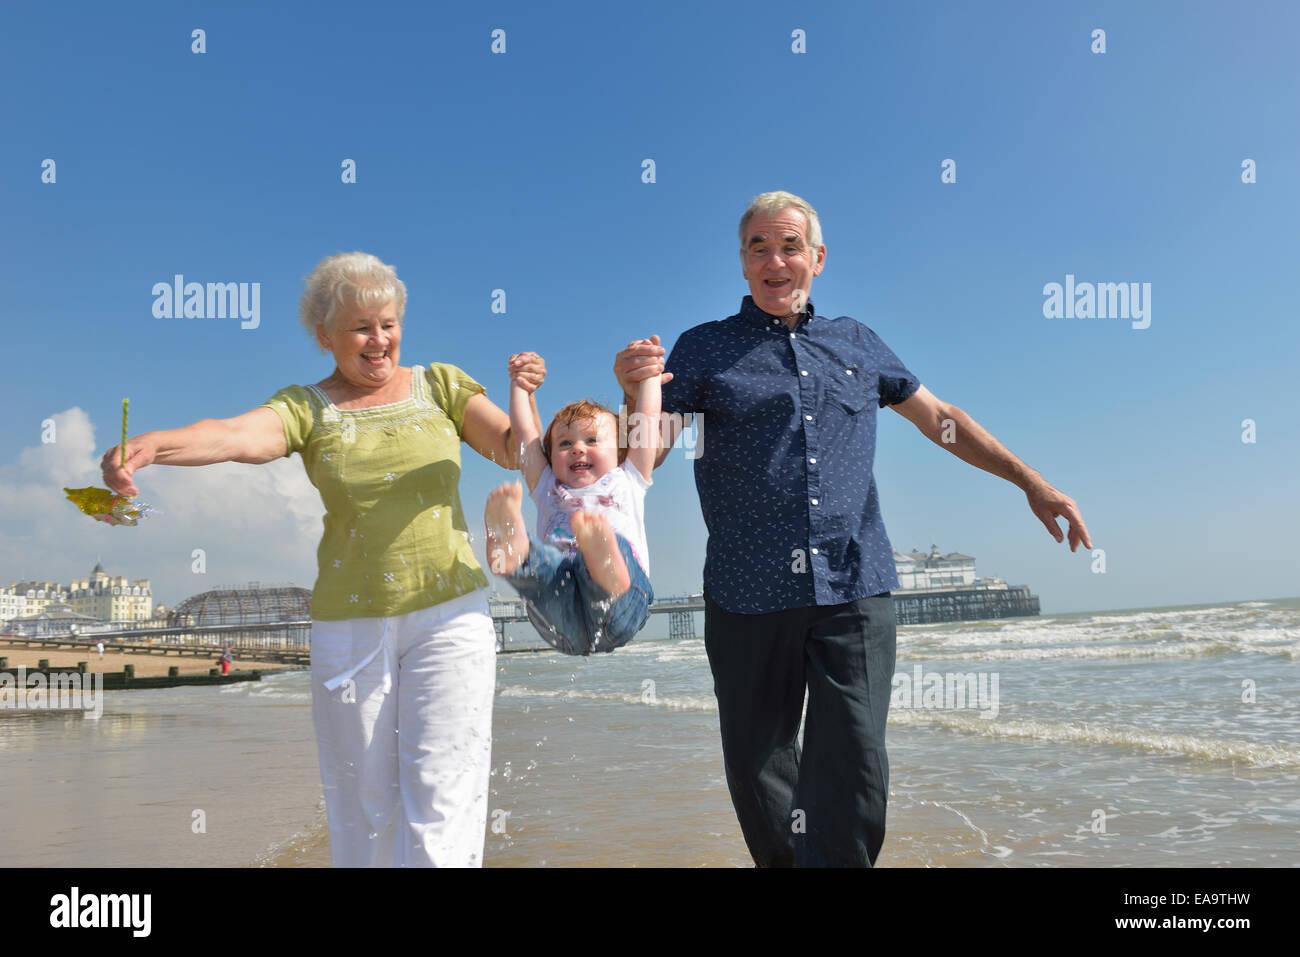 Los abuelos tomados de la mano y moviendo su nieta en la playa de Eastbourne. East Sussex. UK Imagen De Stock